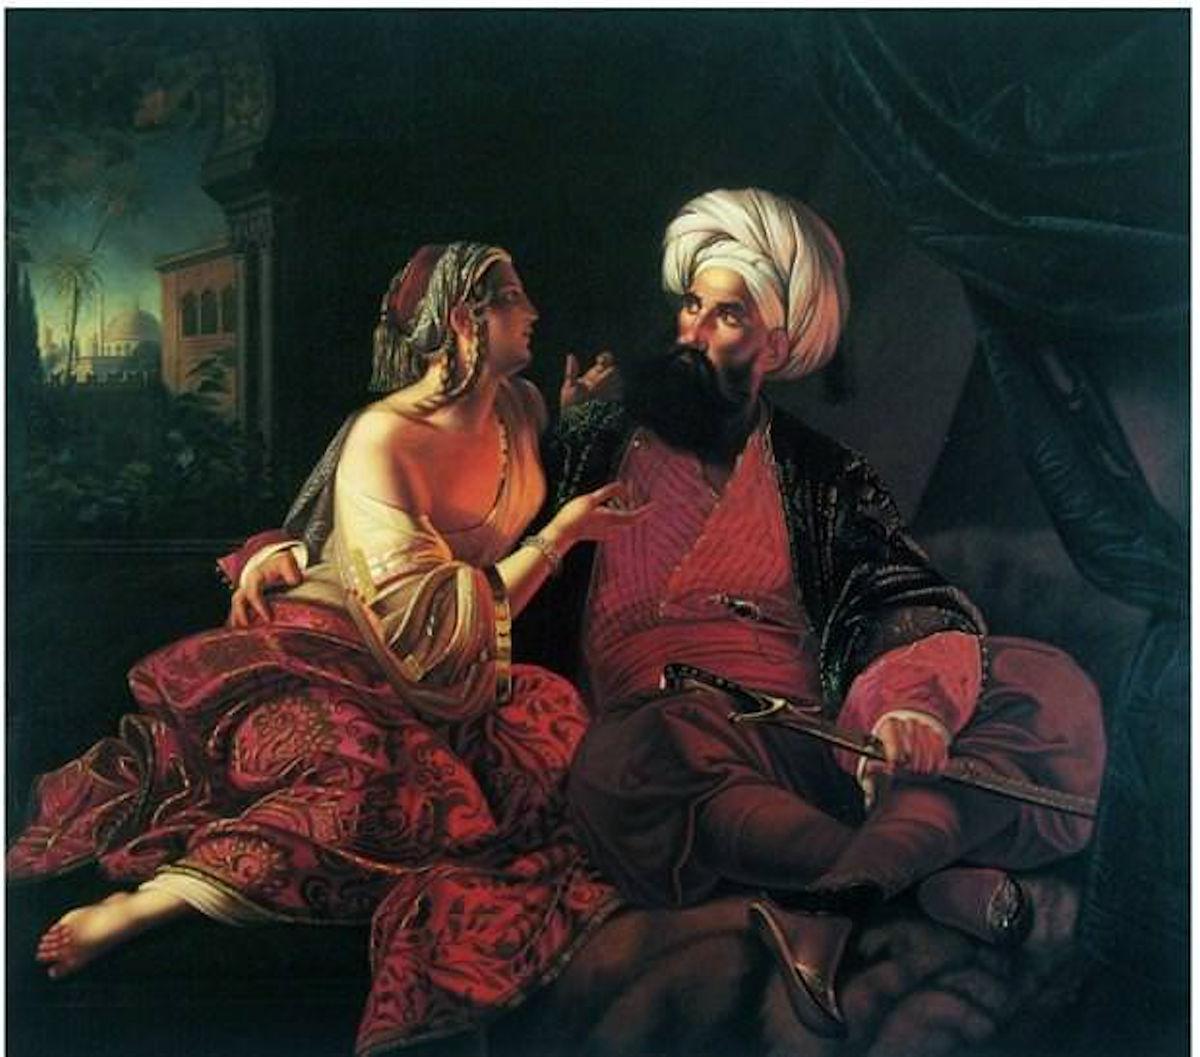 Haremden Görüntüler Türk Kızı Yağlı Boya Tabloları Osmanlı Sarayı Foto Foto Tarihi Eski Cariye Kadın Görseli Padişahı Sultanları Saray Haremi Ailesi Eşleri Gözde İkbal